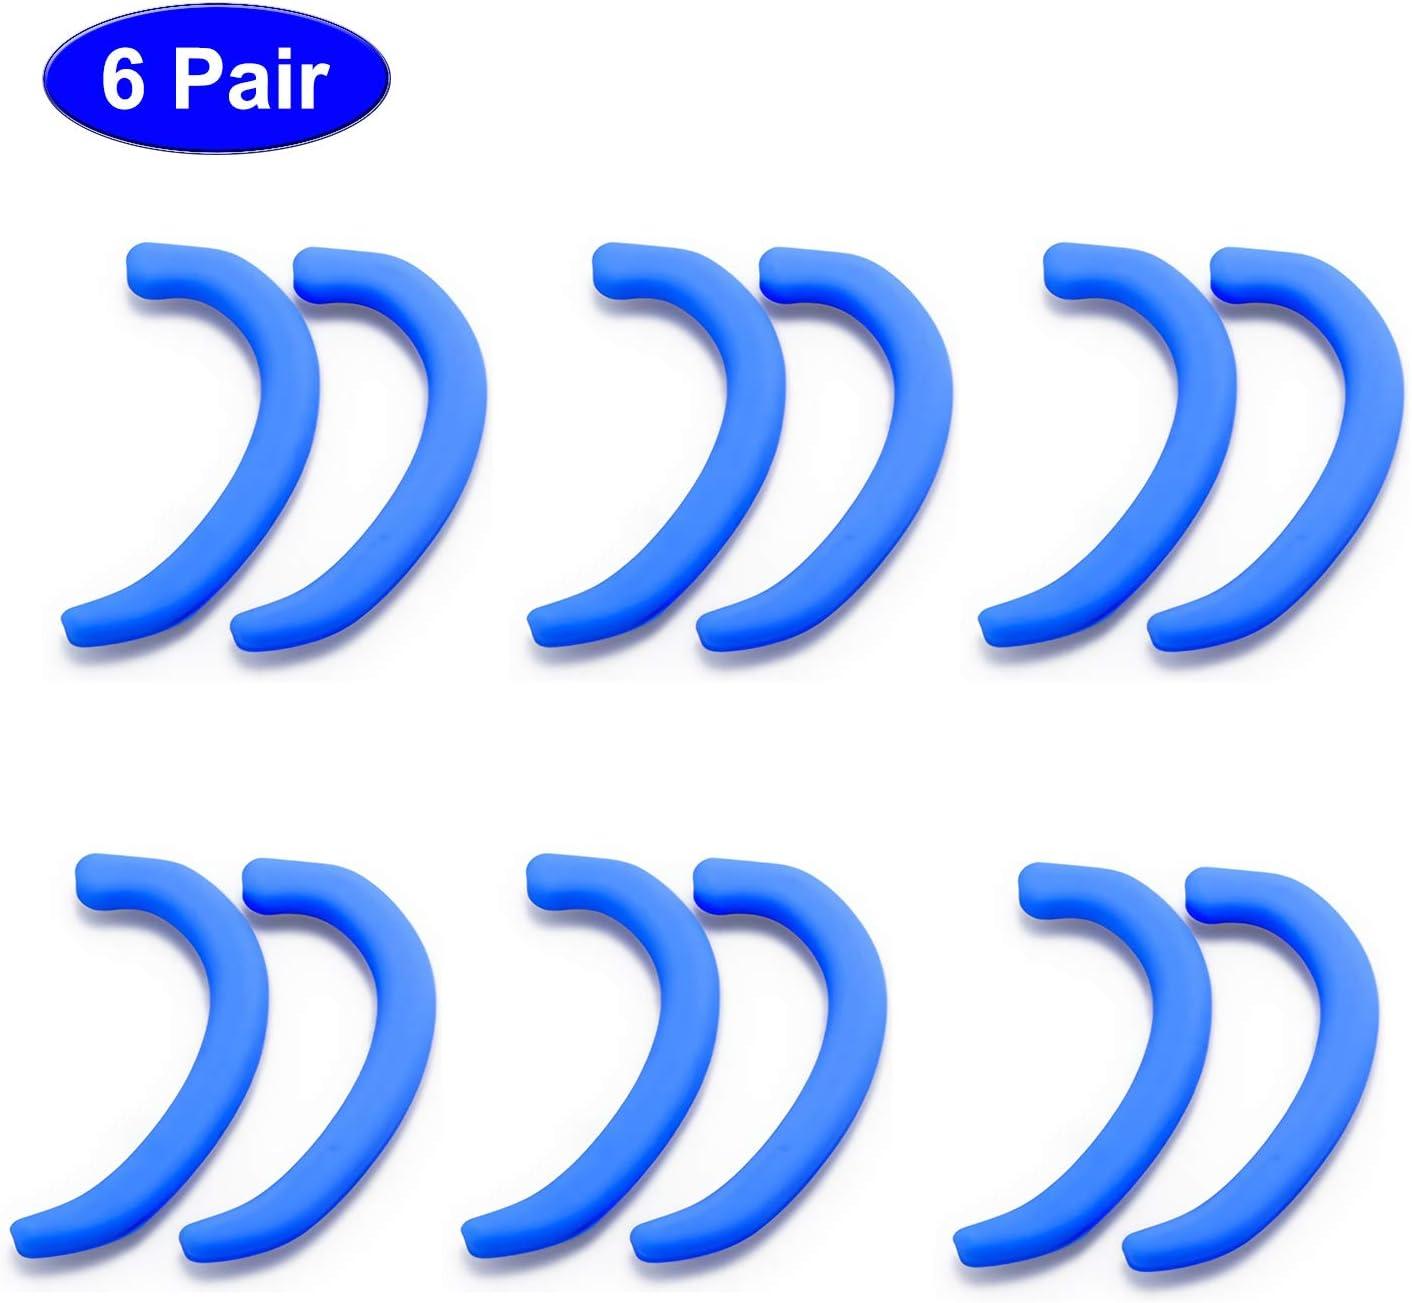 6 Paar Silikon Ohr Haken Wiederverwendbar Anti-Rutsch Maske Ohr Halter Ohrb/ügel schmerzbest/ändigen Ohr Schutz Halter Zubeh/ör Silikon Ohrhaken